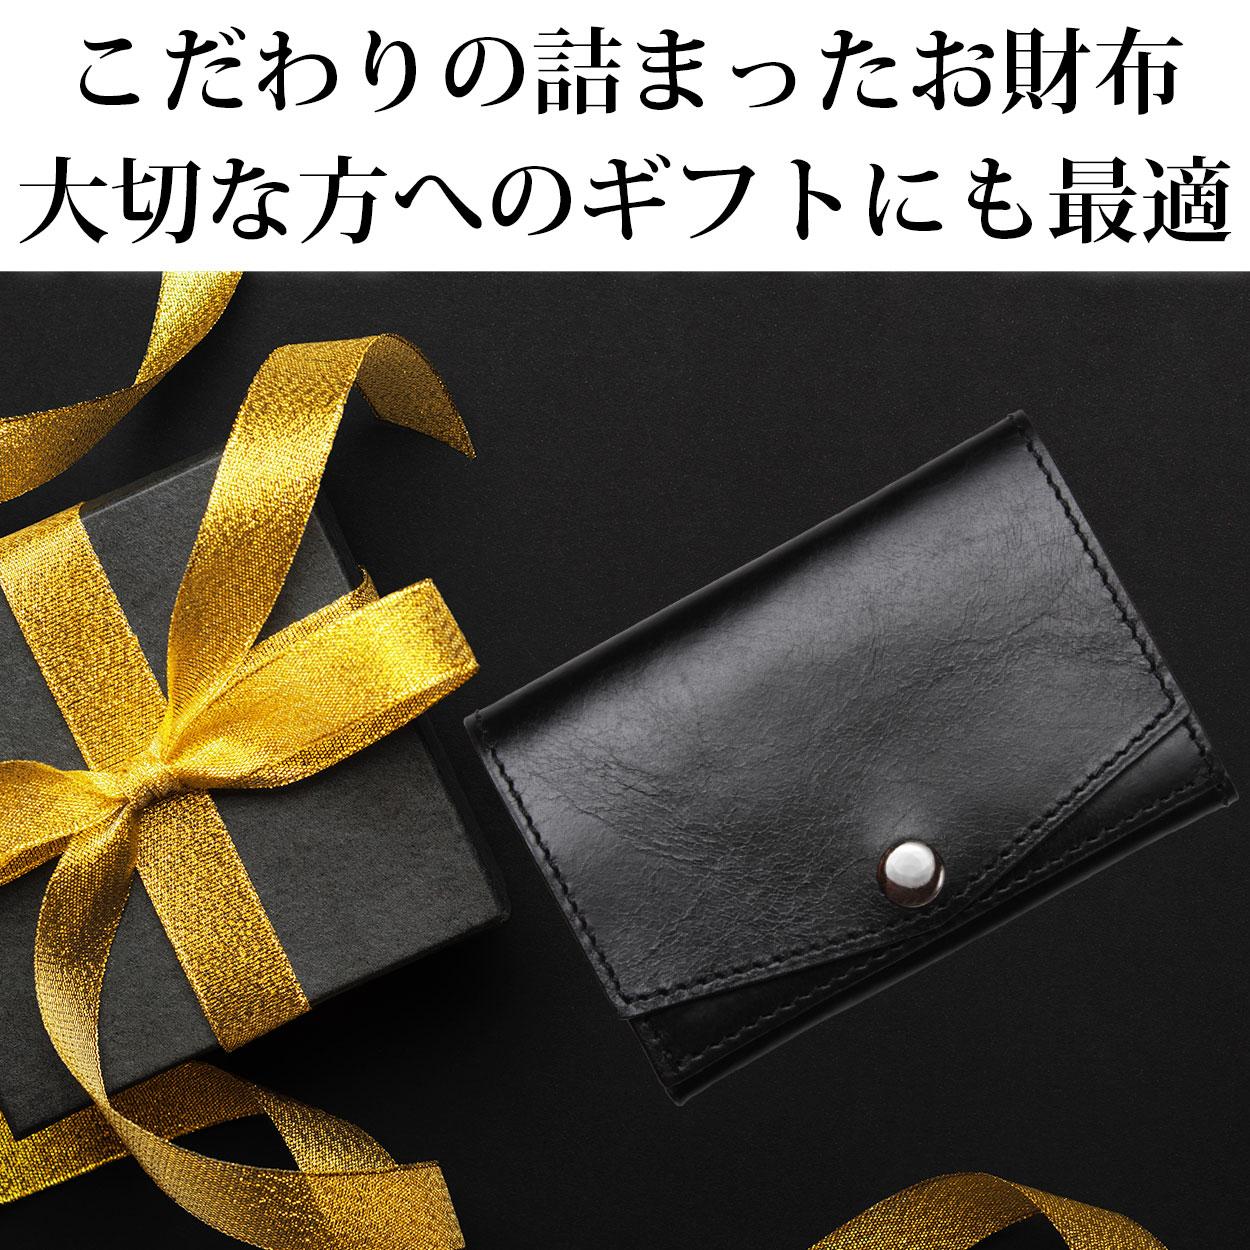 【TRACUS(トラッカス)】三つ折りミニ財布 コンパクト財布